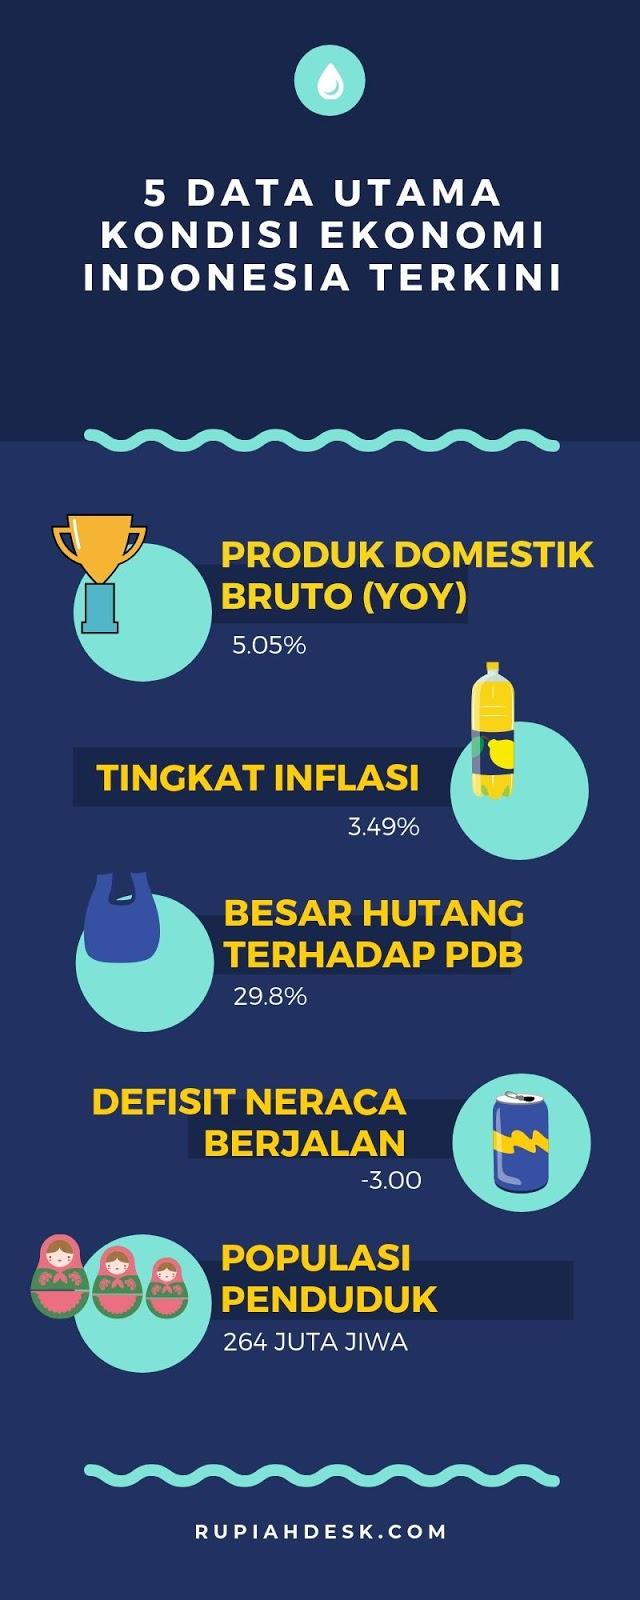 5 Data Penting Untuk Melihat Kondisi Ekonomi Indonesia Terkini (Infografis)